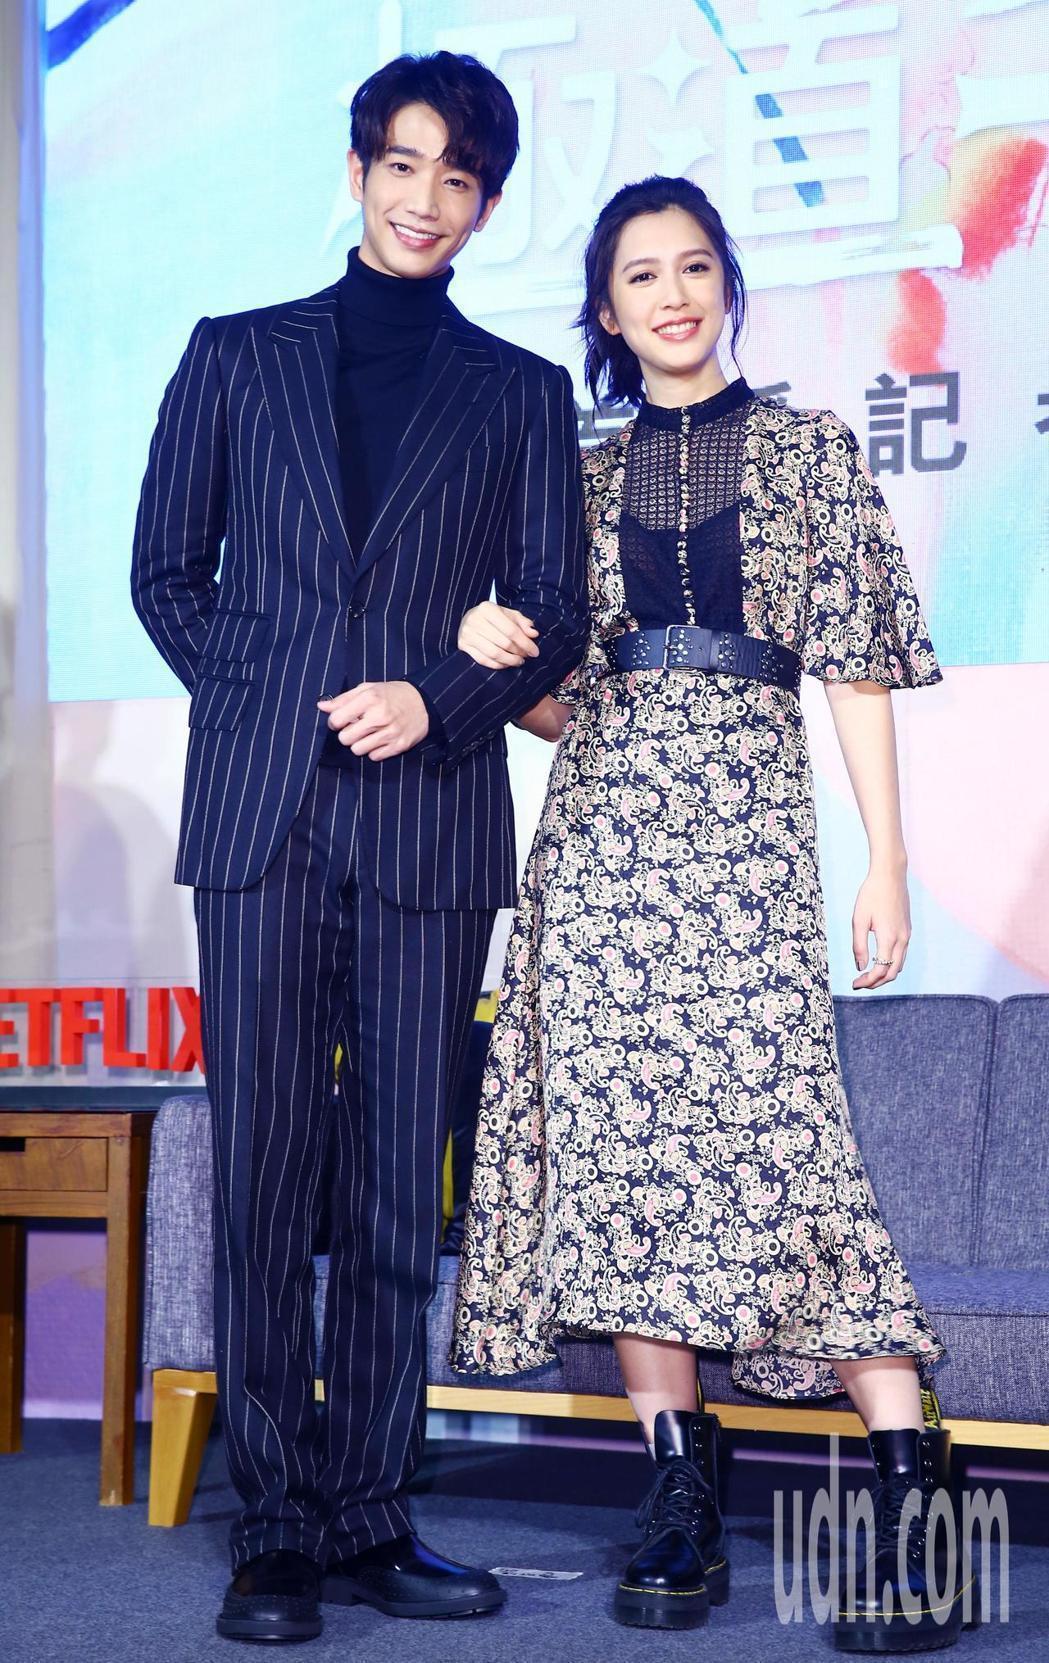 在《極道千金》劇中飾演男女主角的劉以豪(左)、劉奕兒(右)在記者會上公開放閃。記...